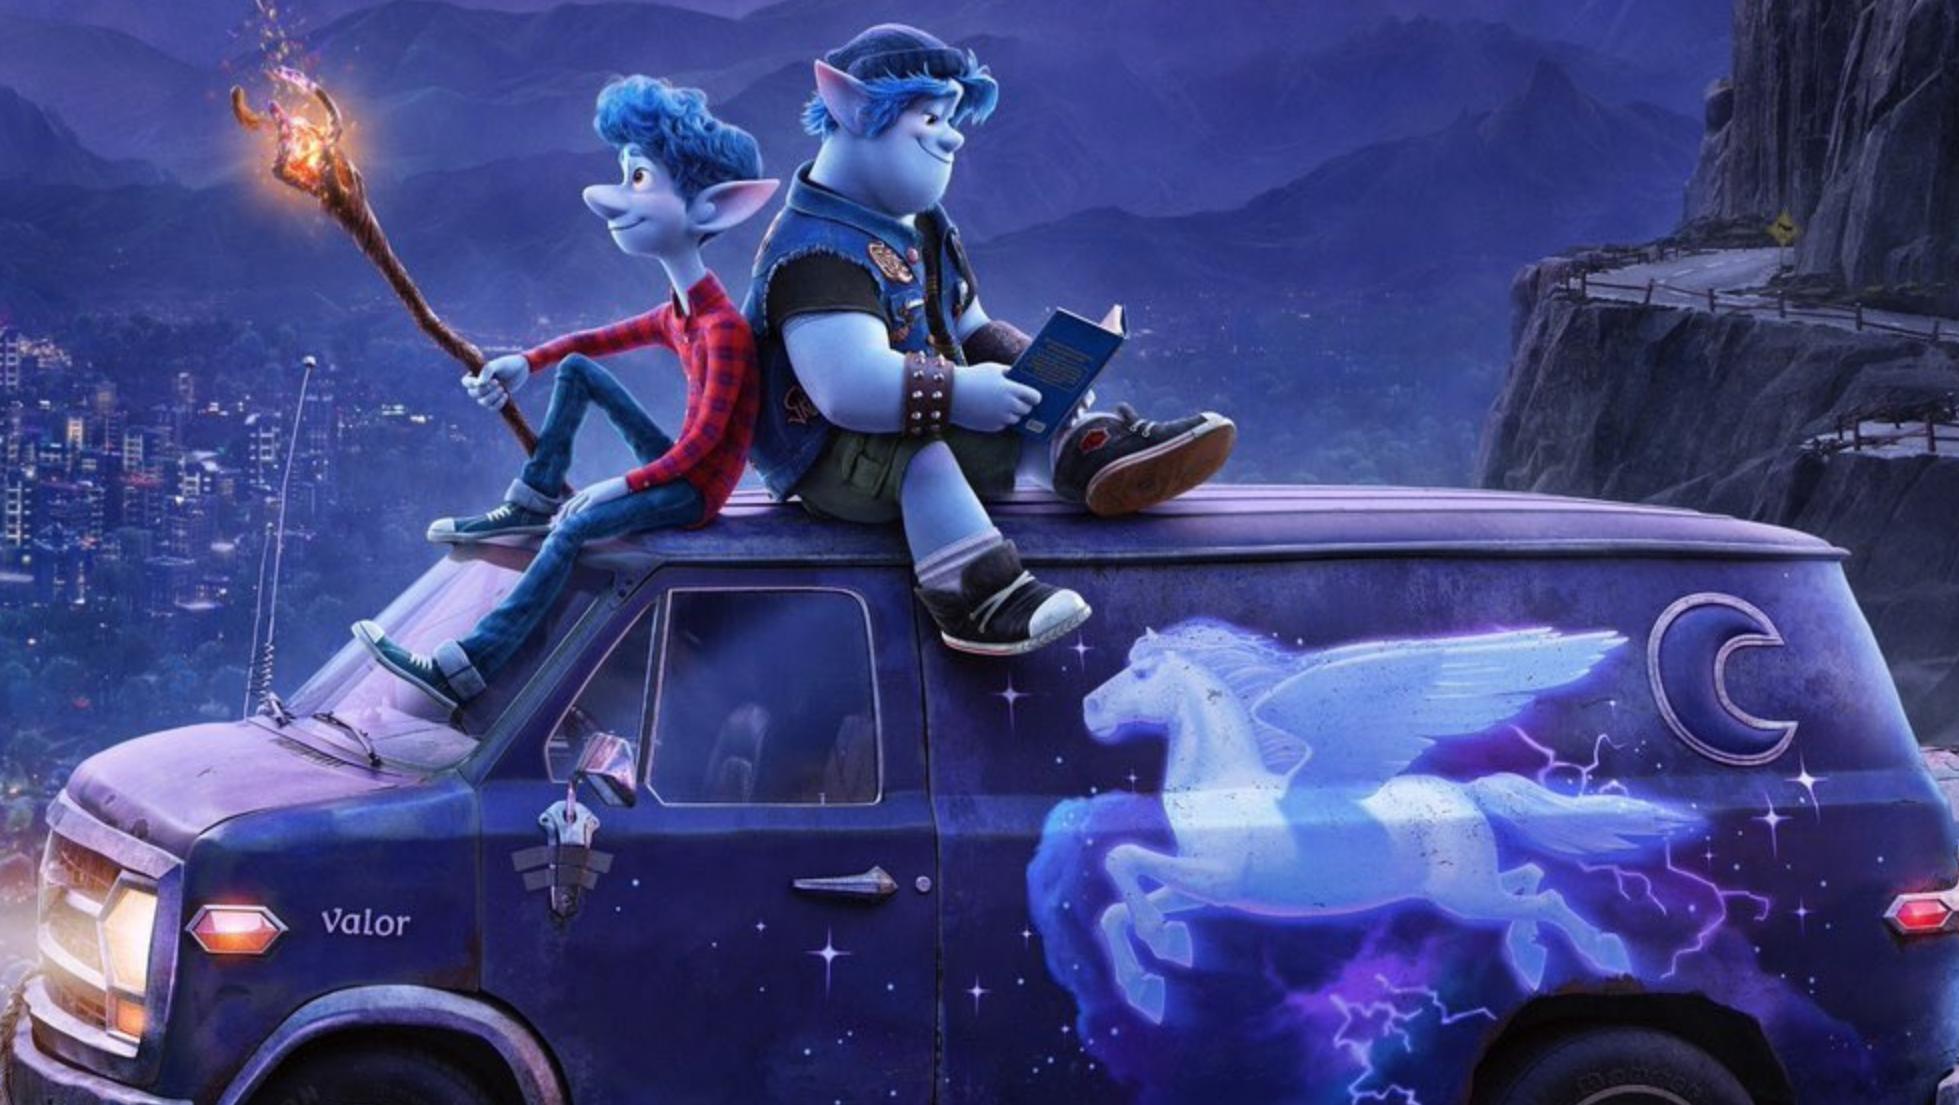 a still from pixar's onward